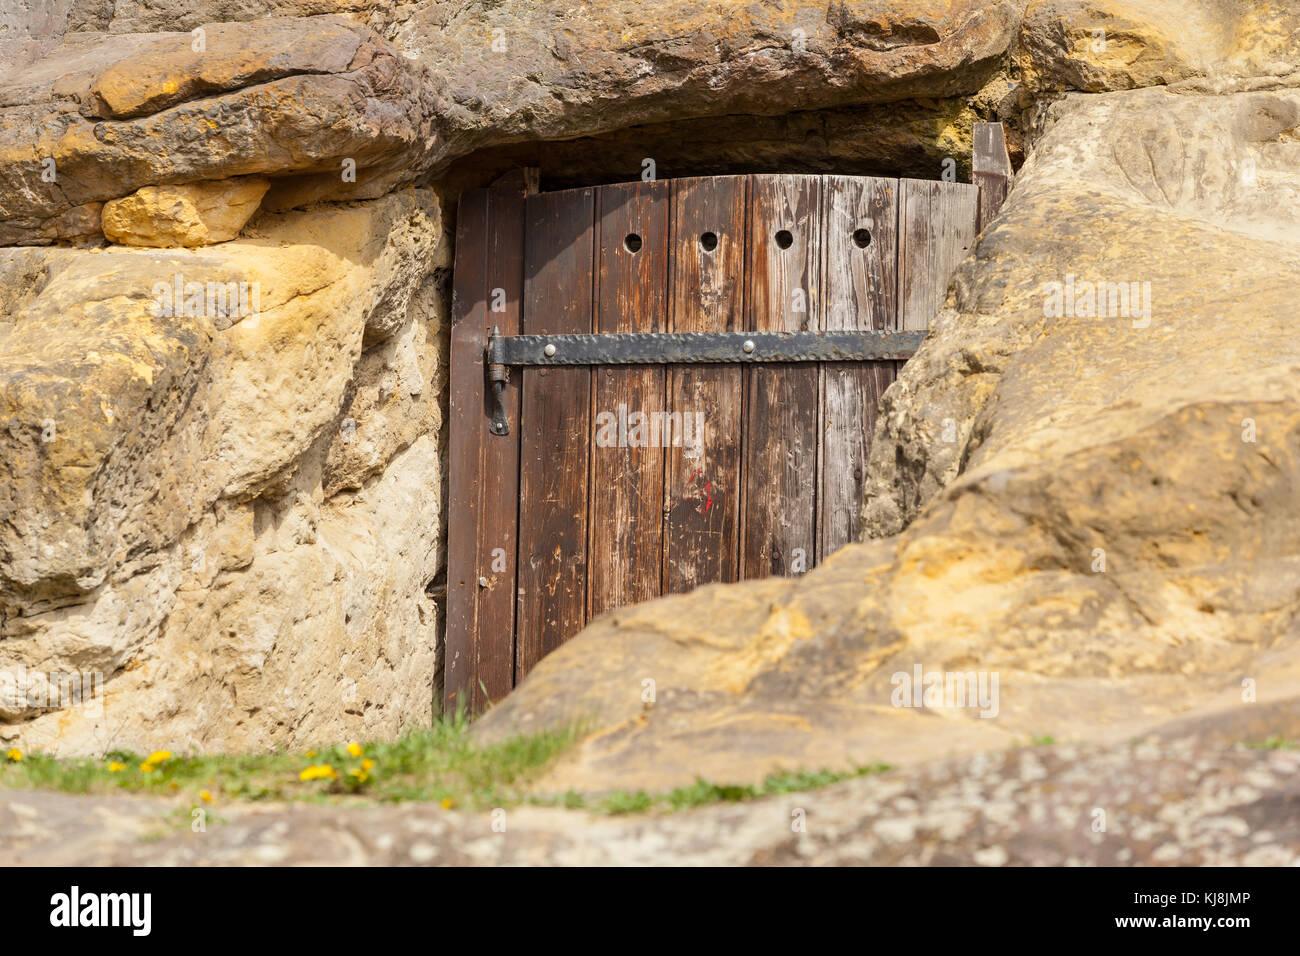 historische mittelalterlich Tür - Stock Image